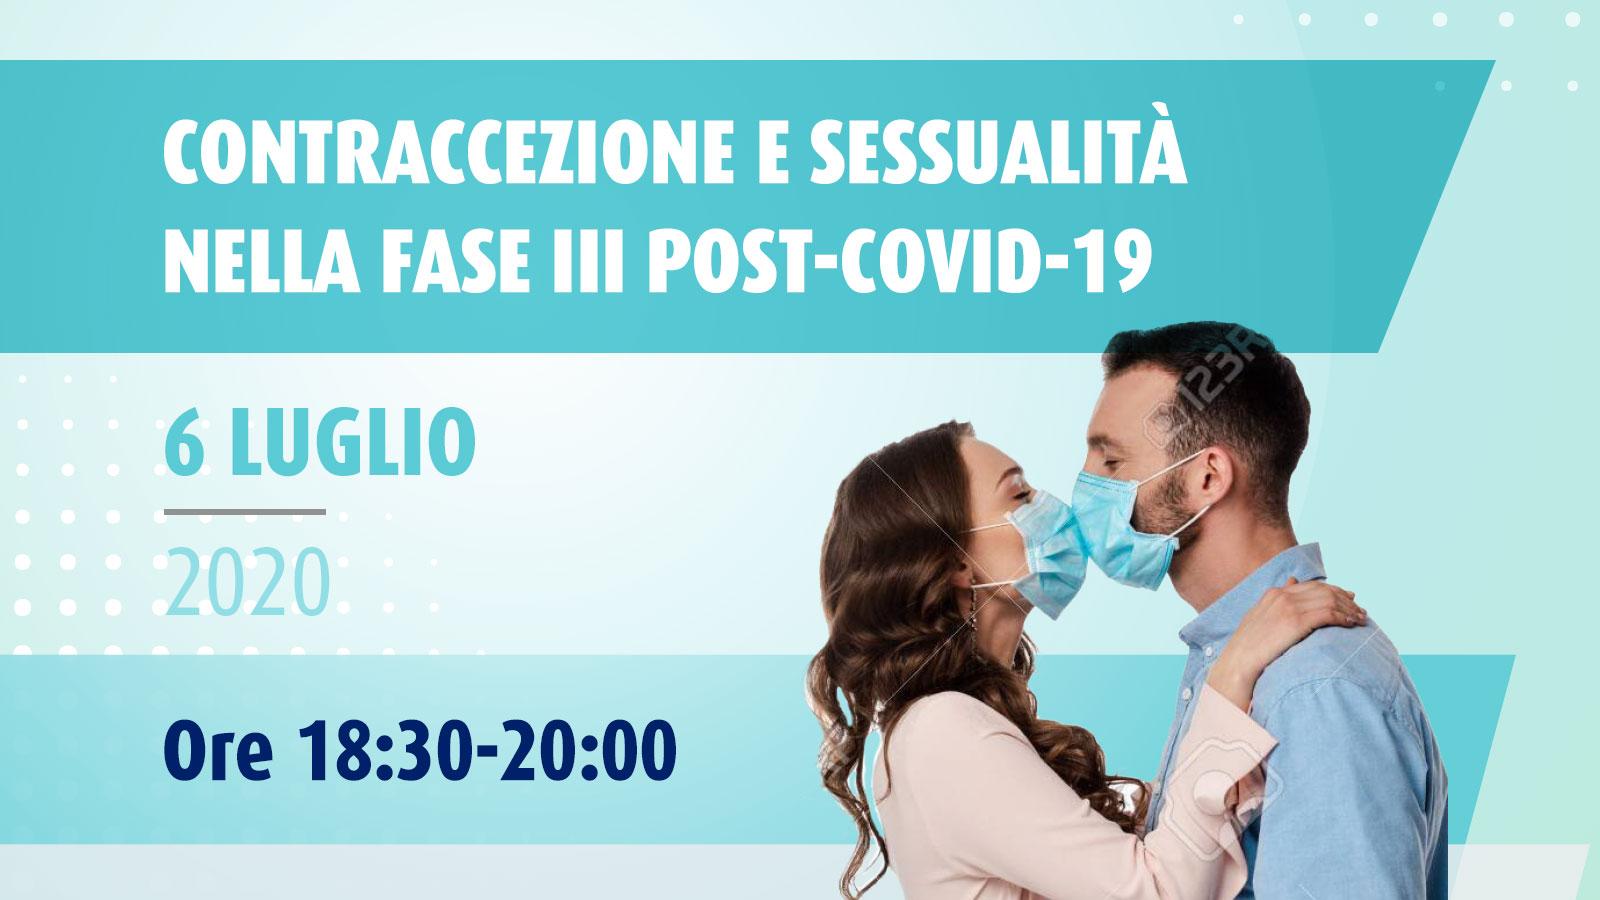 Contraccezione e sessualità nella fase III post-COVID-19